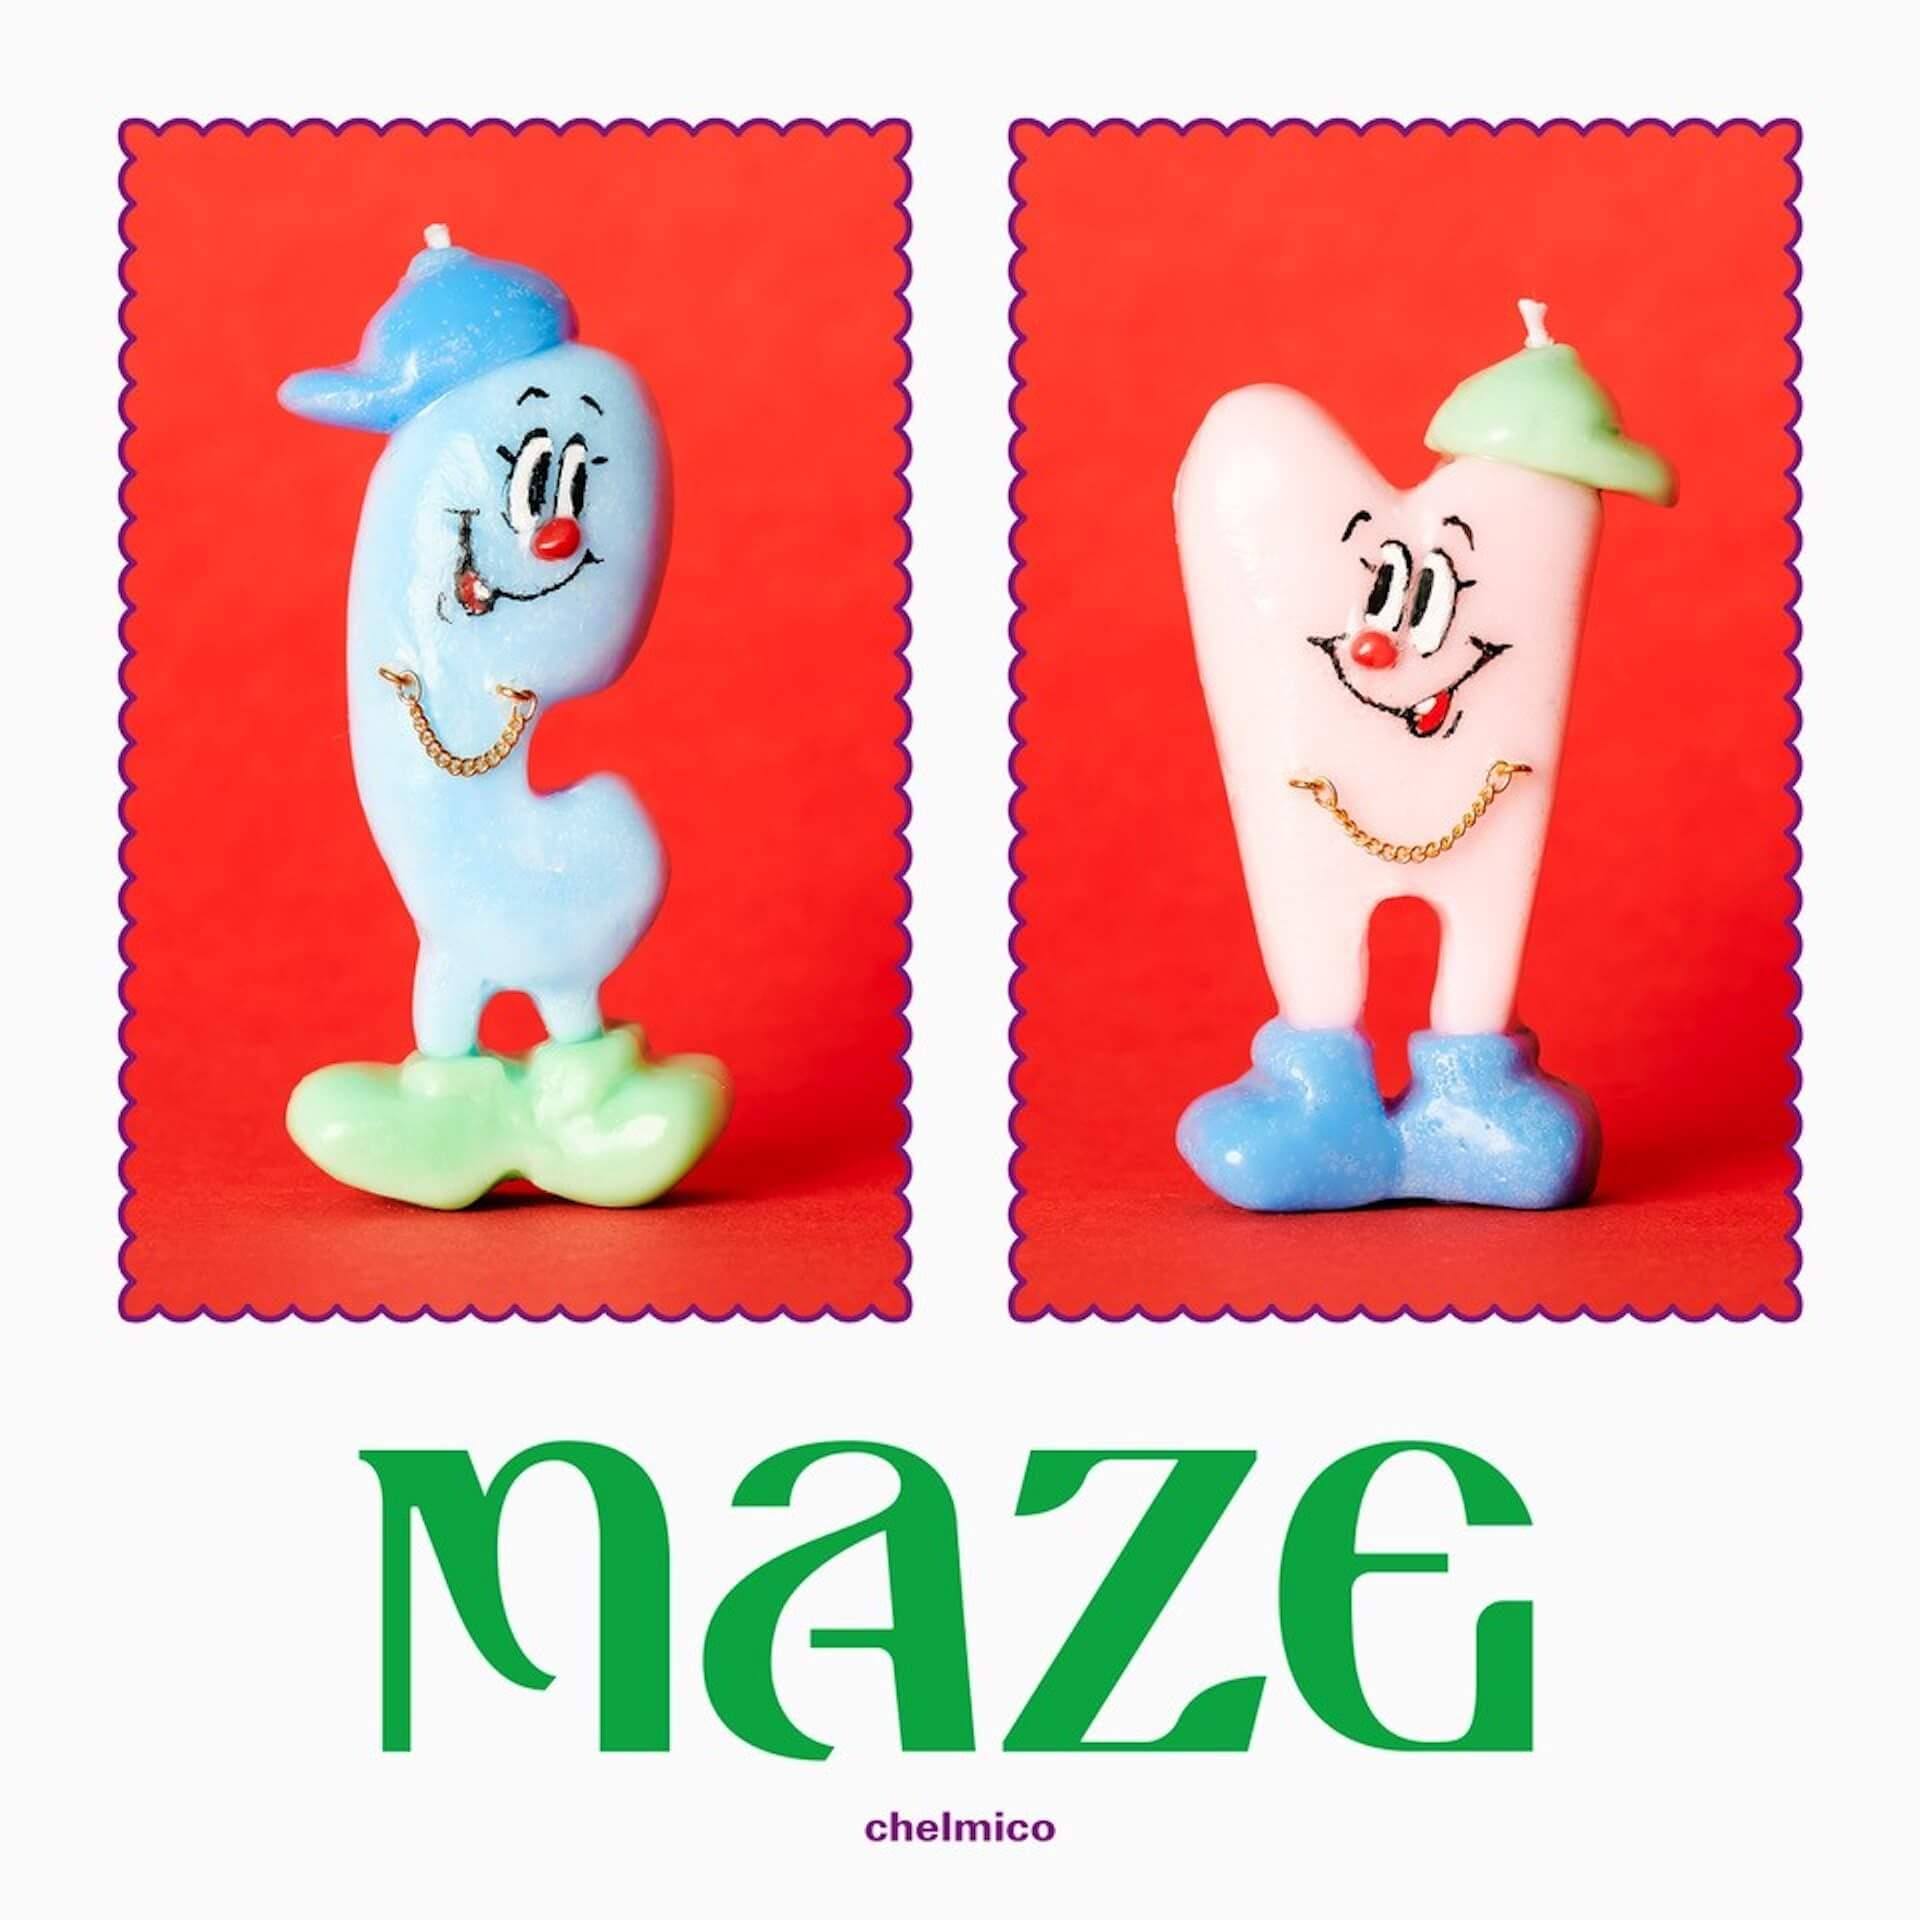 """chelmico、ニューアルバム『maze』をリリース発表&""""milk""""が先行配信決定!初回盤には初の映像作品も収録 music200701_chelmico_newrelease_03"""